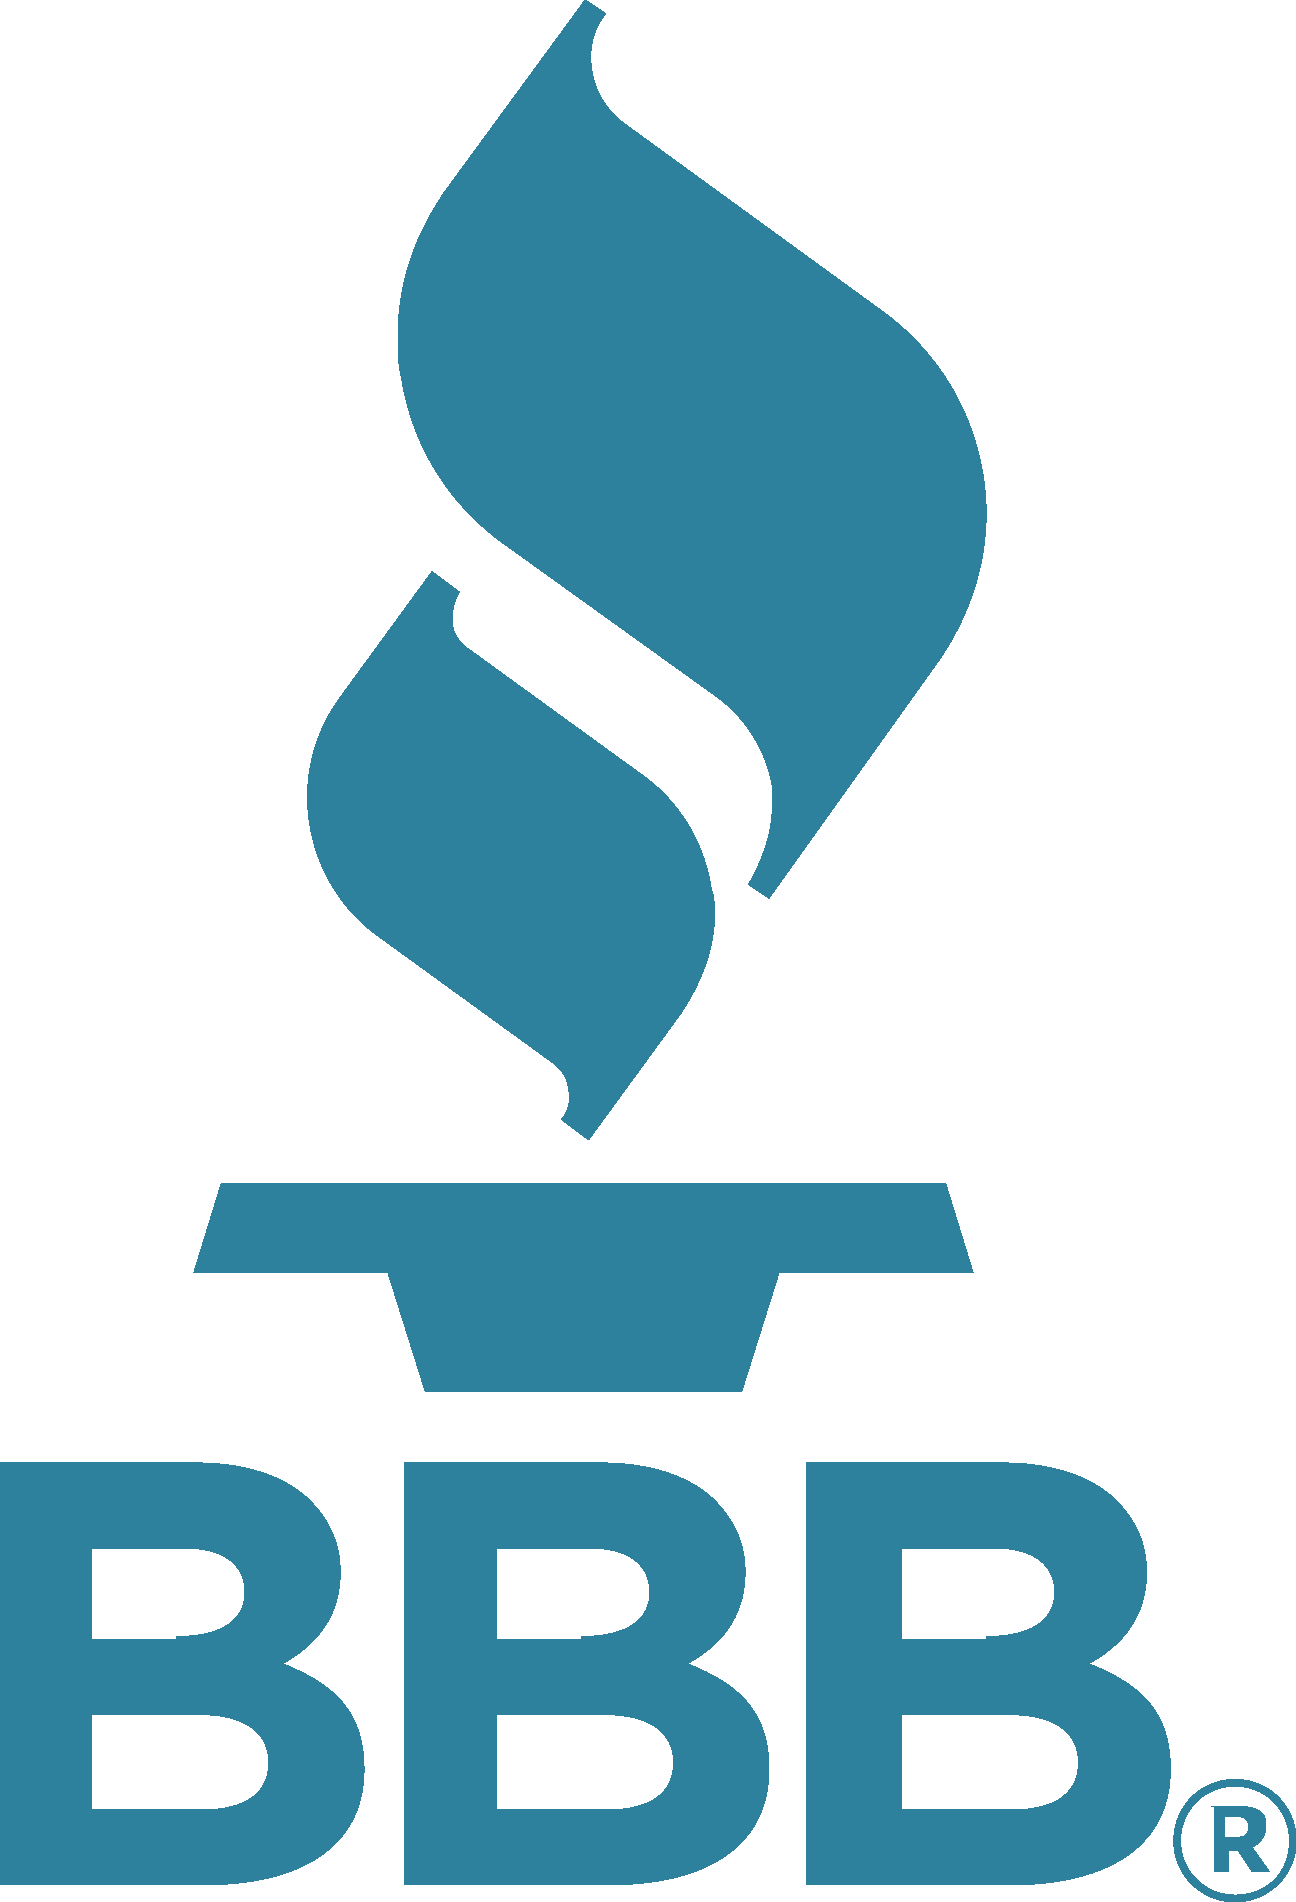 Better Business Bureau (BBB) Logo png